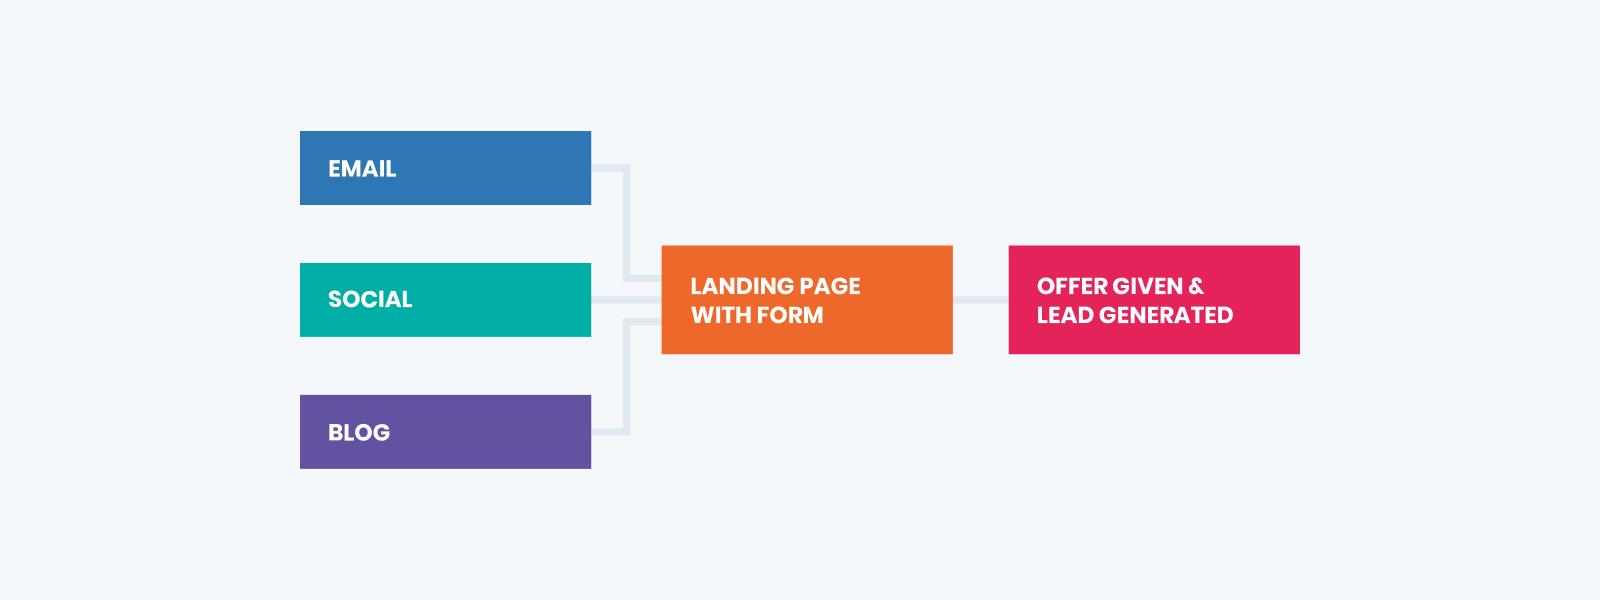 leadn gen for inbound marketing chart